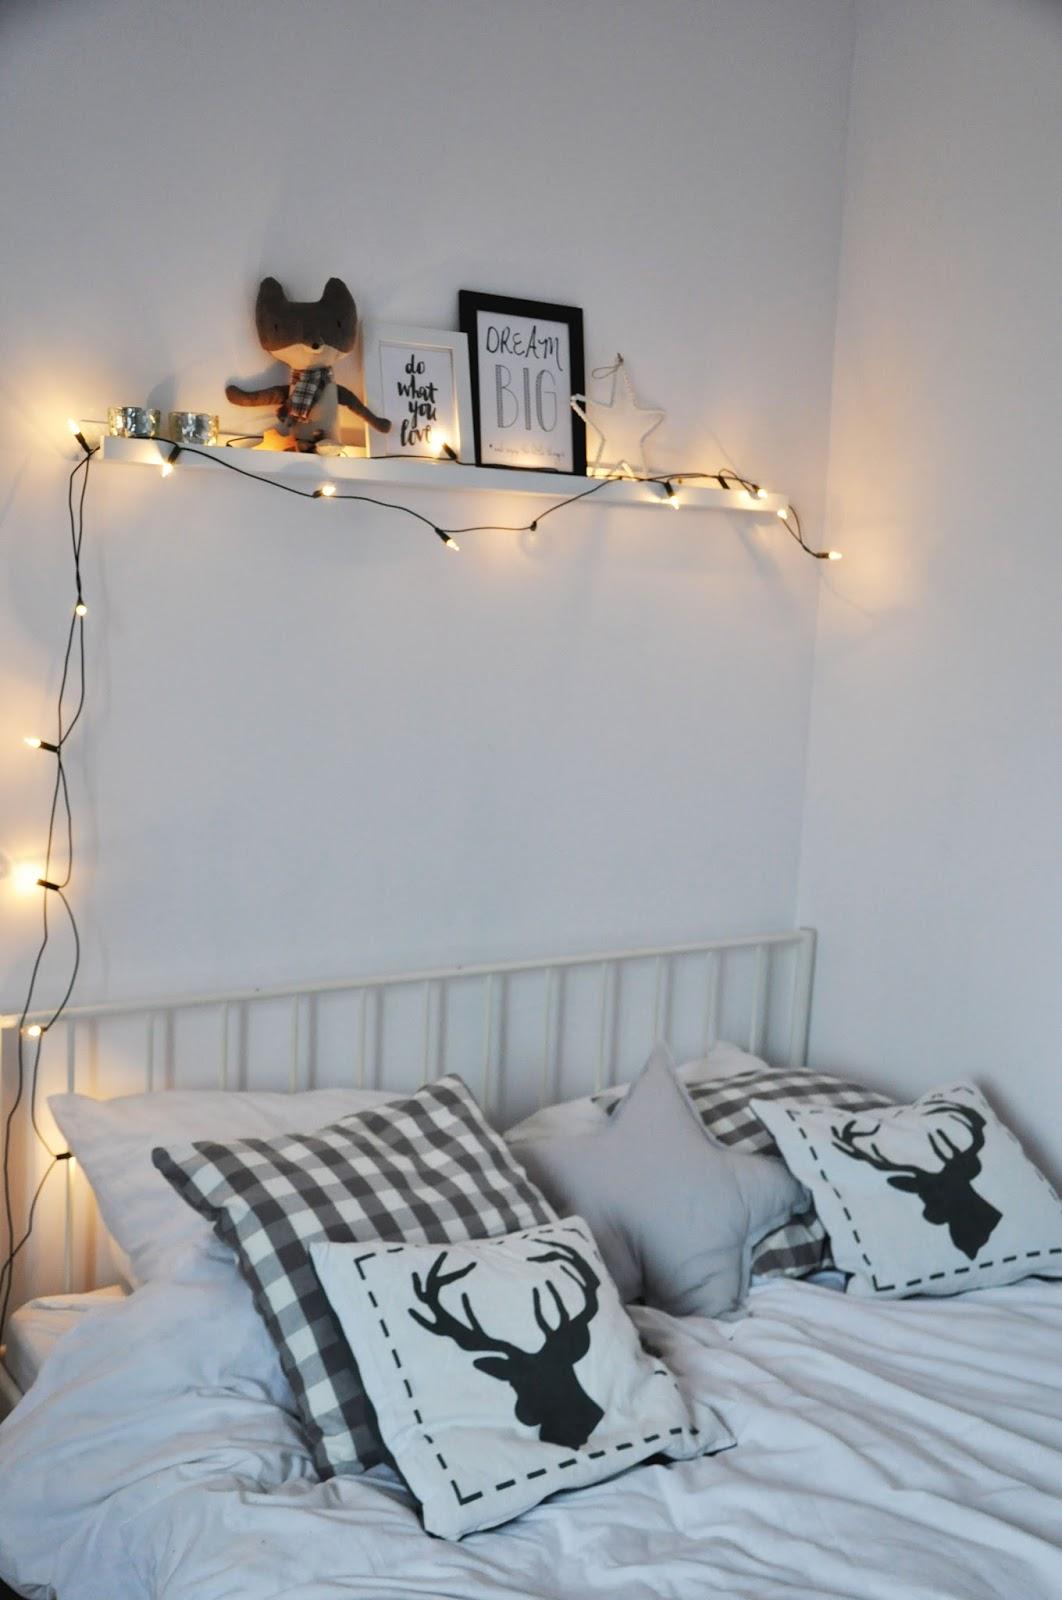 biała sypialnia, łóżko ikea leirvik, półka ribba, wilk maileg, dekoracja świąteczna, lampki